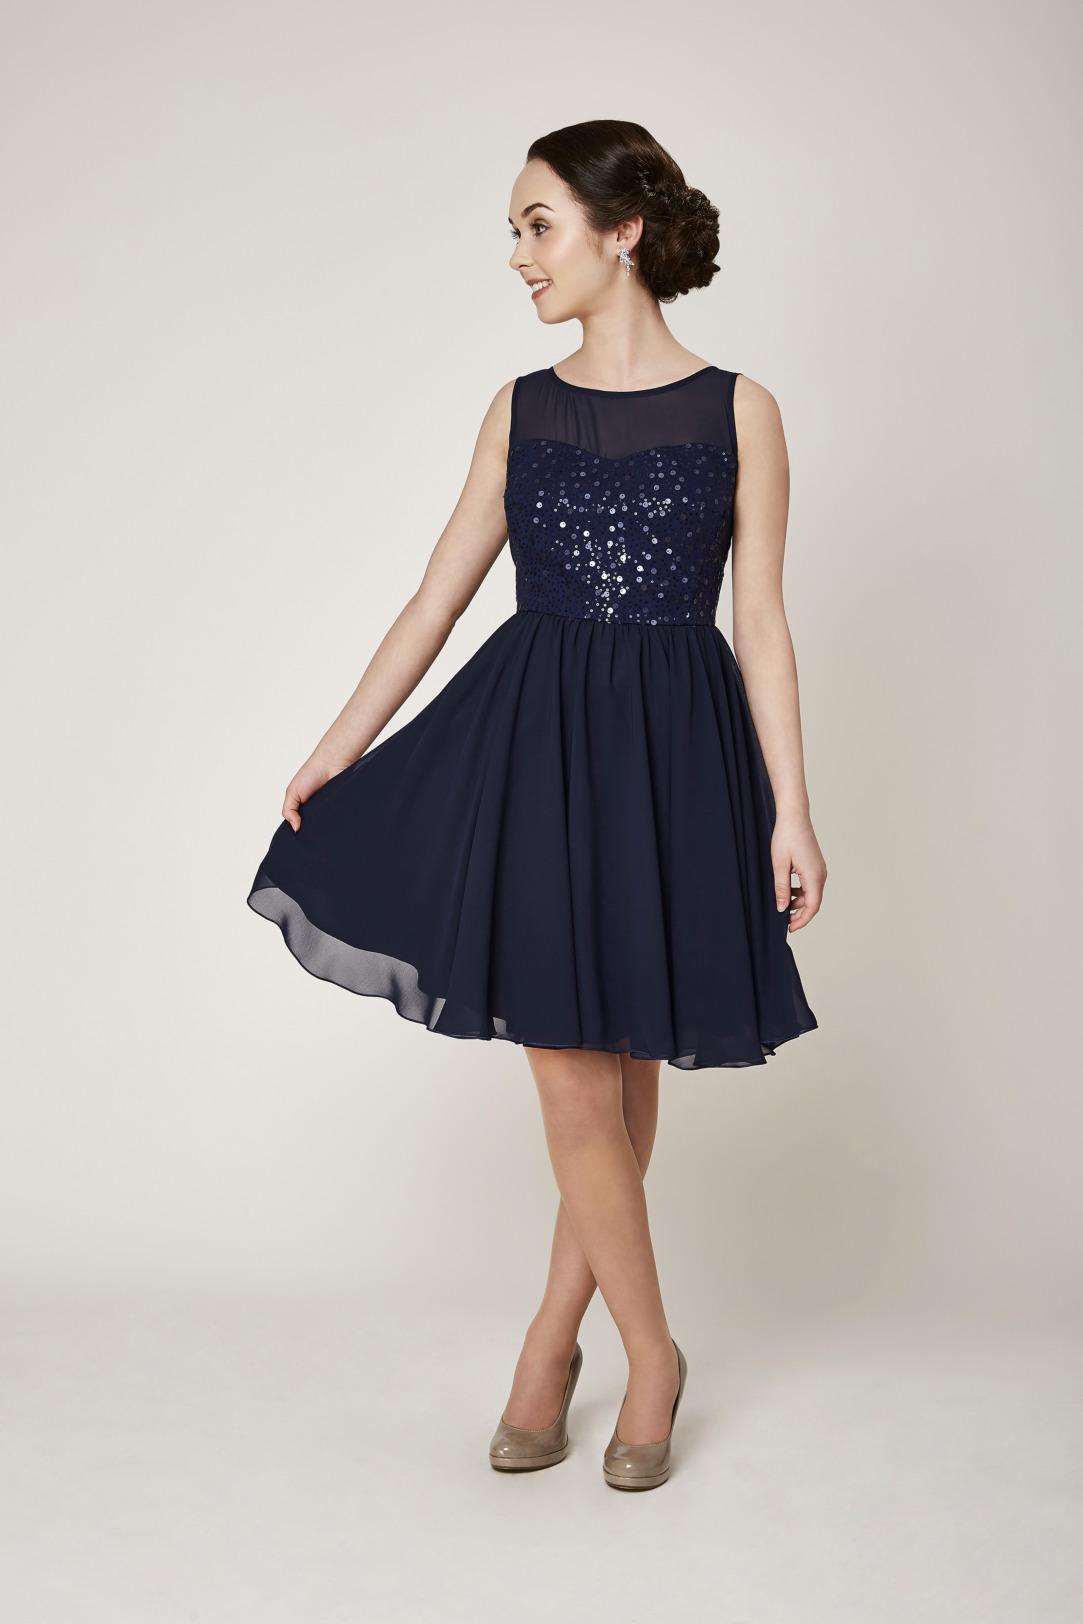 Konfirmation Abendkleider schön ausgefallen jung dunkelblau navy Oberteil mit Pailetten schlicht Chiffon kurzes Kleid